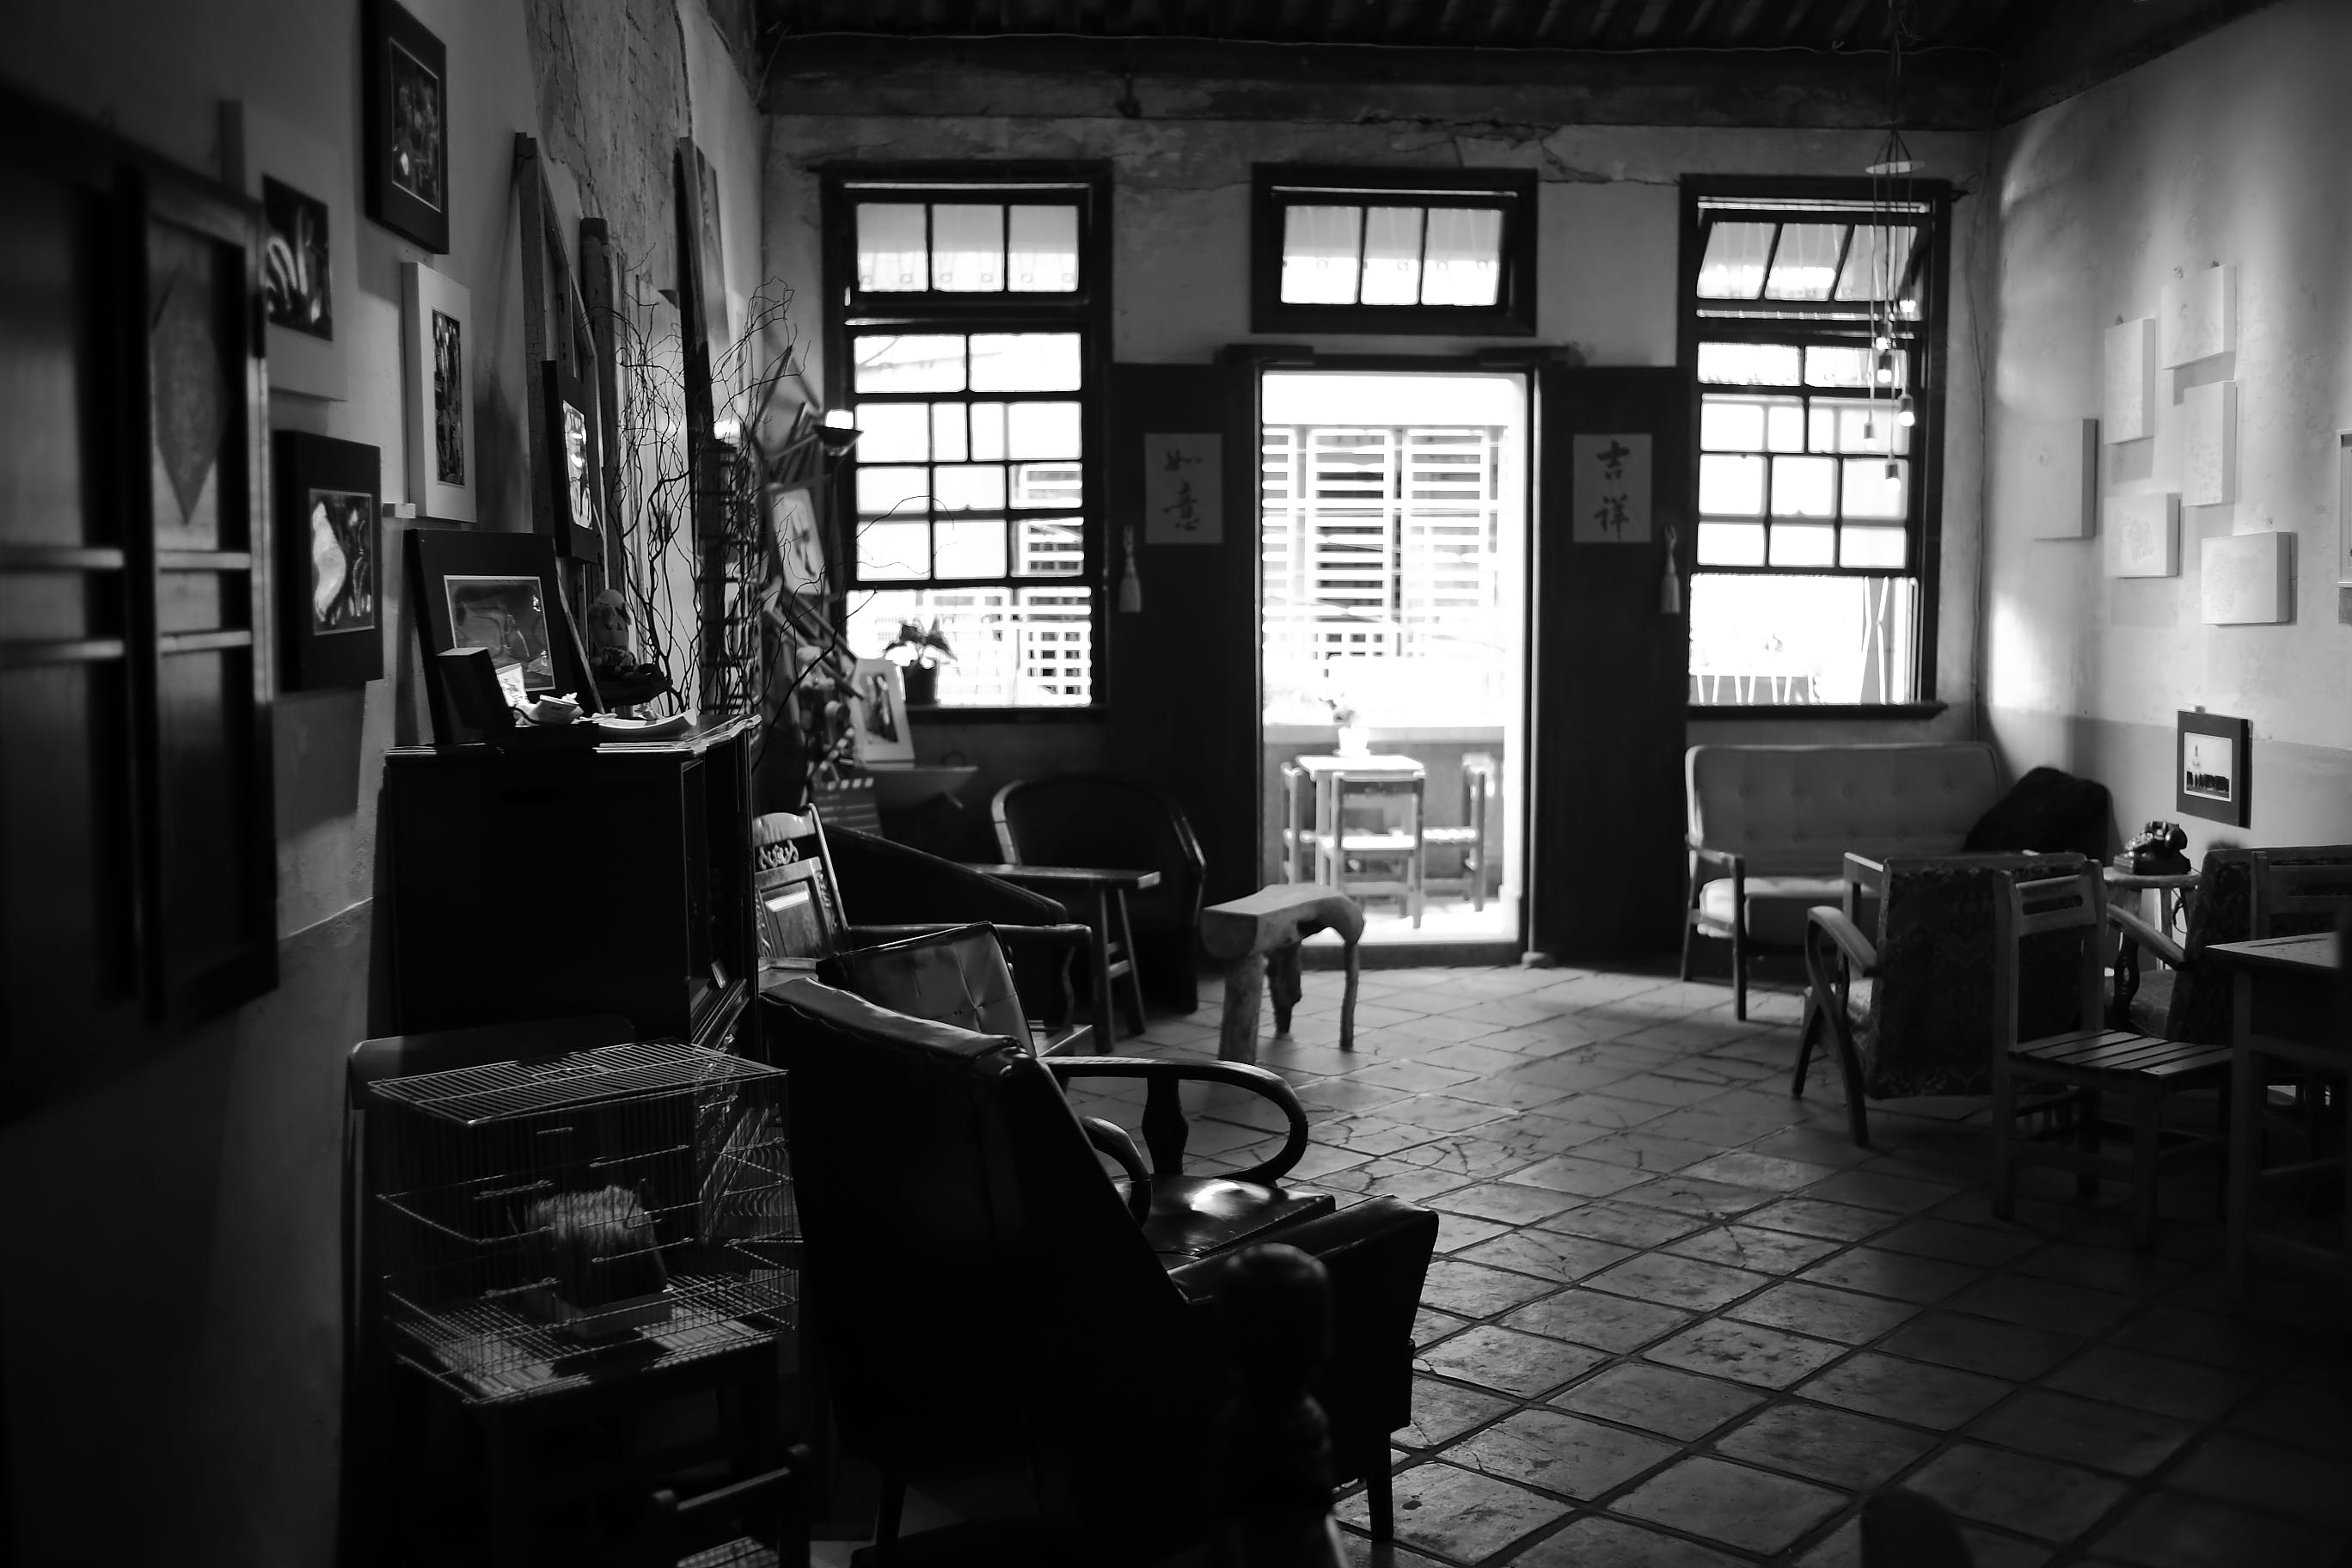 Kostnadsfri bild av fönster, möbel, rum, sittplats